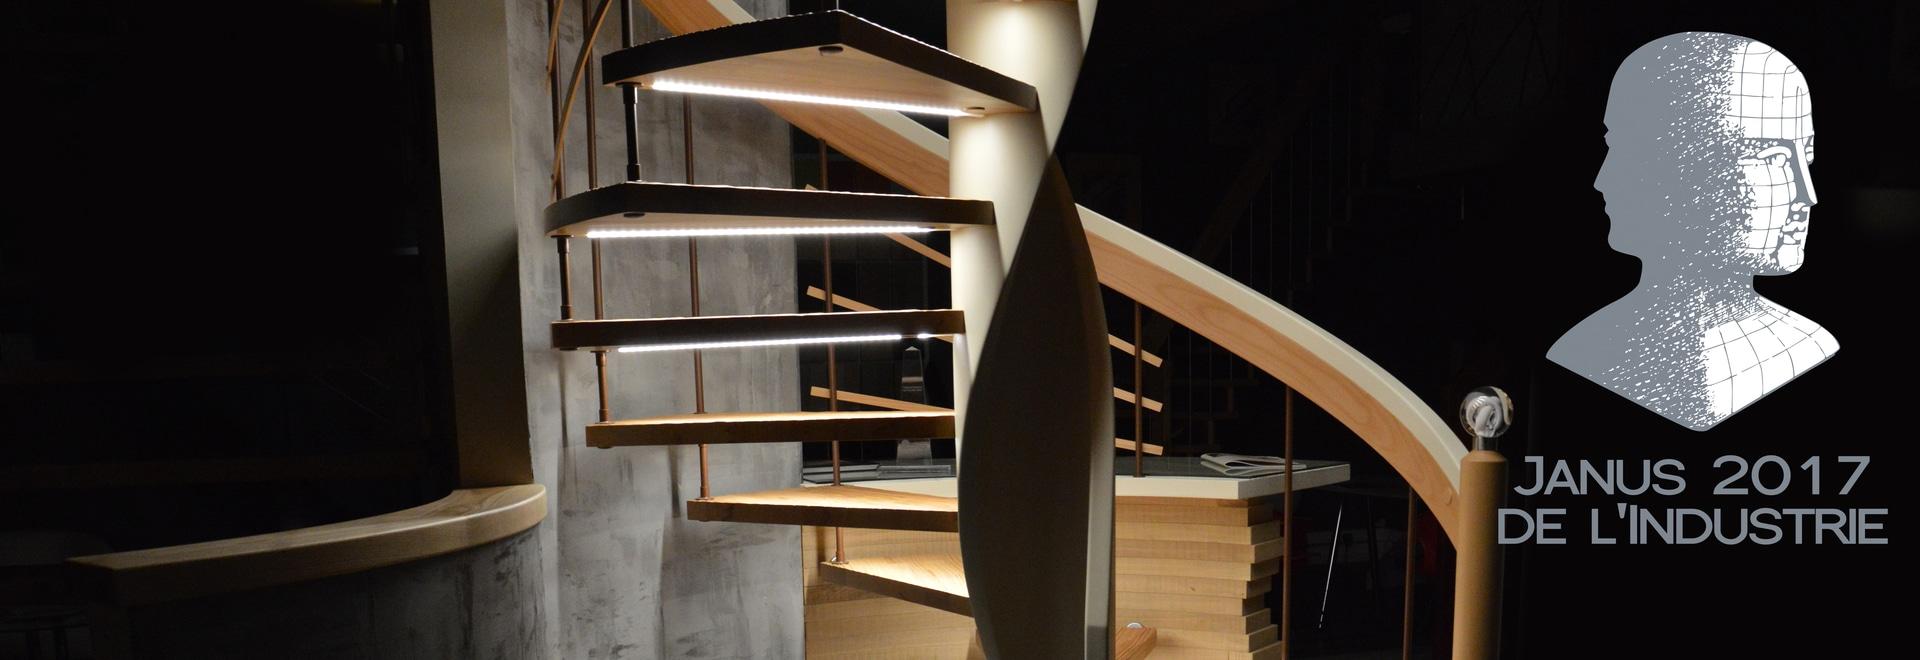 La escalera Senzu por Treppenmeister acaba de ser coronada por el precio Jano de l'Industrie